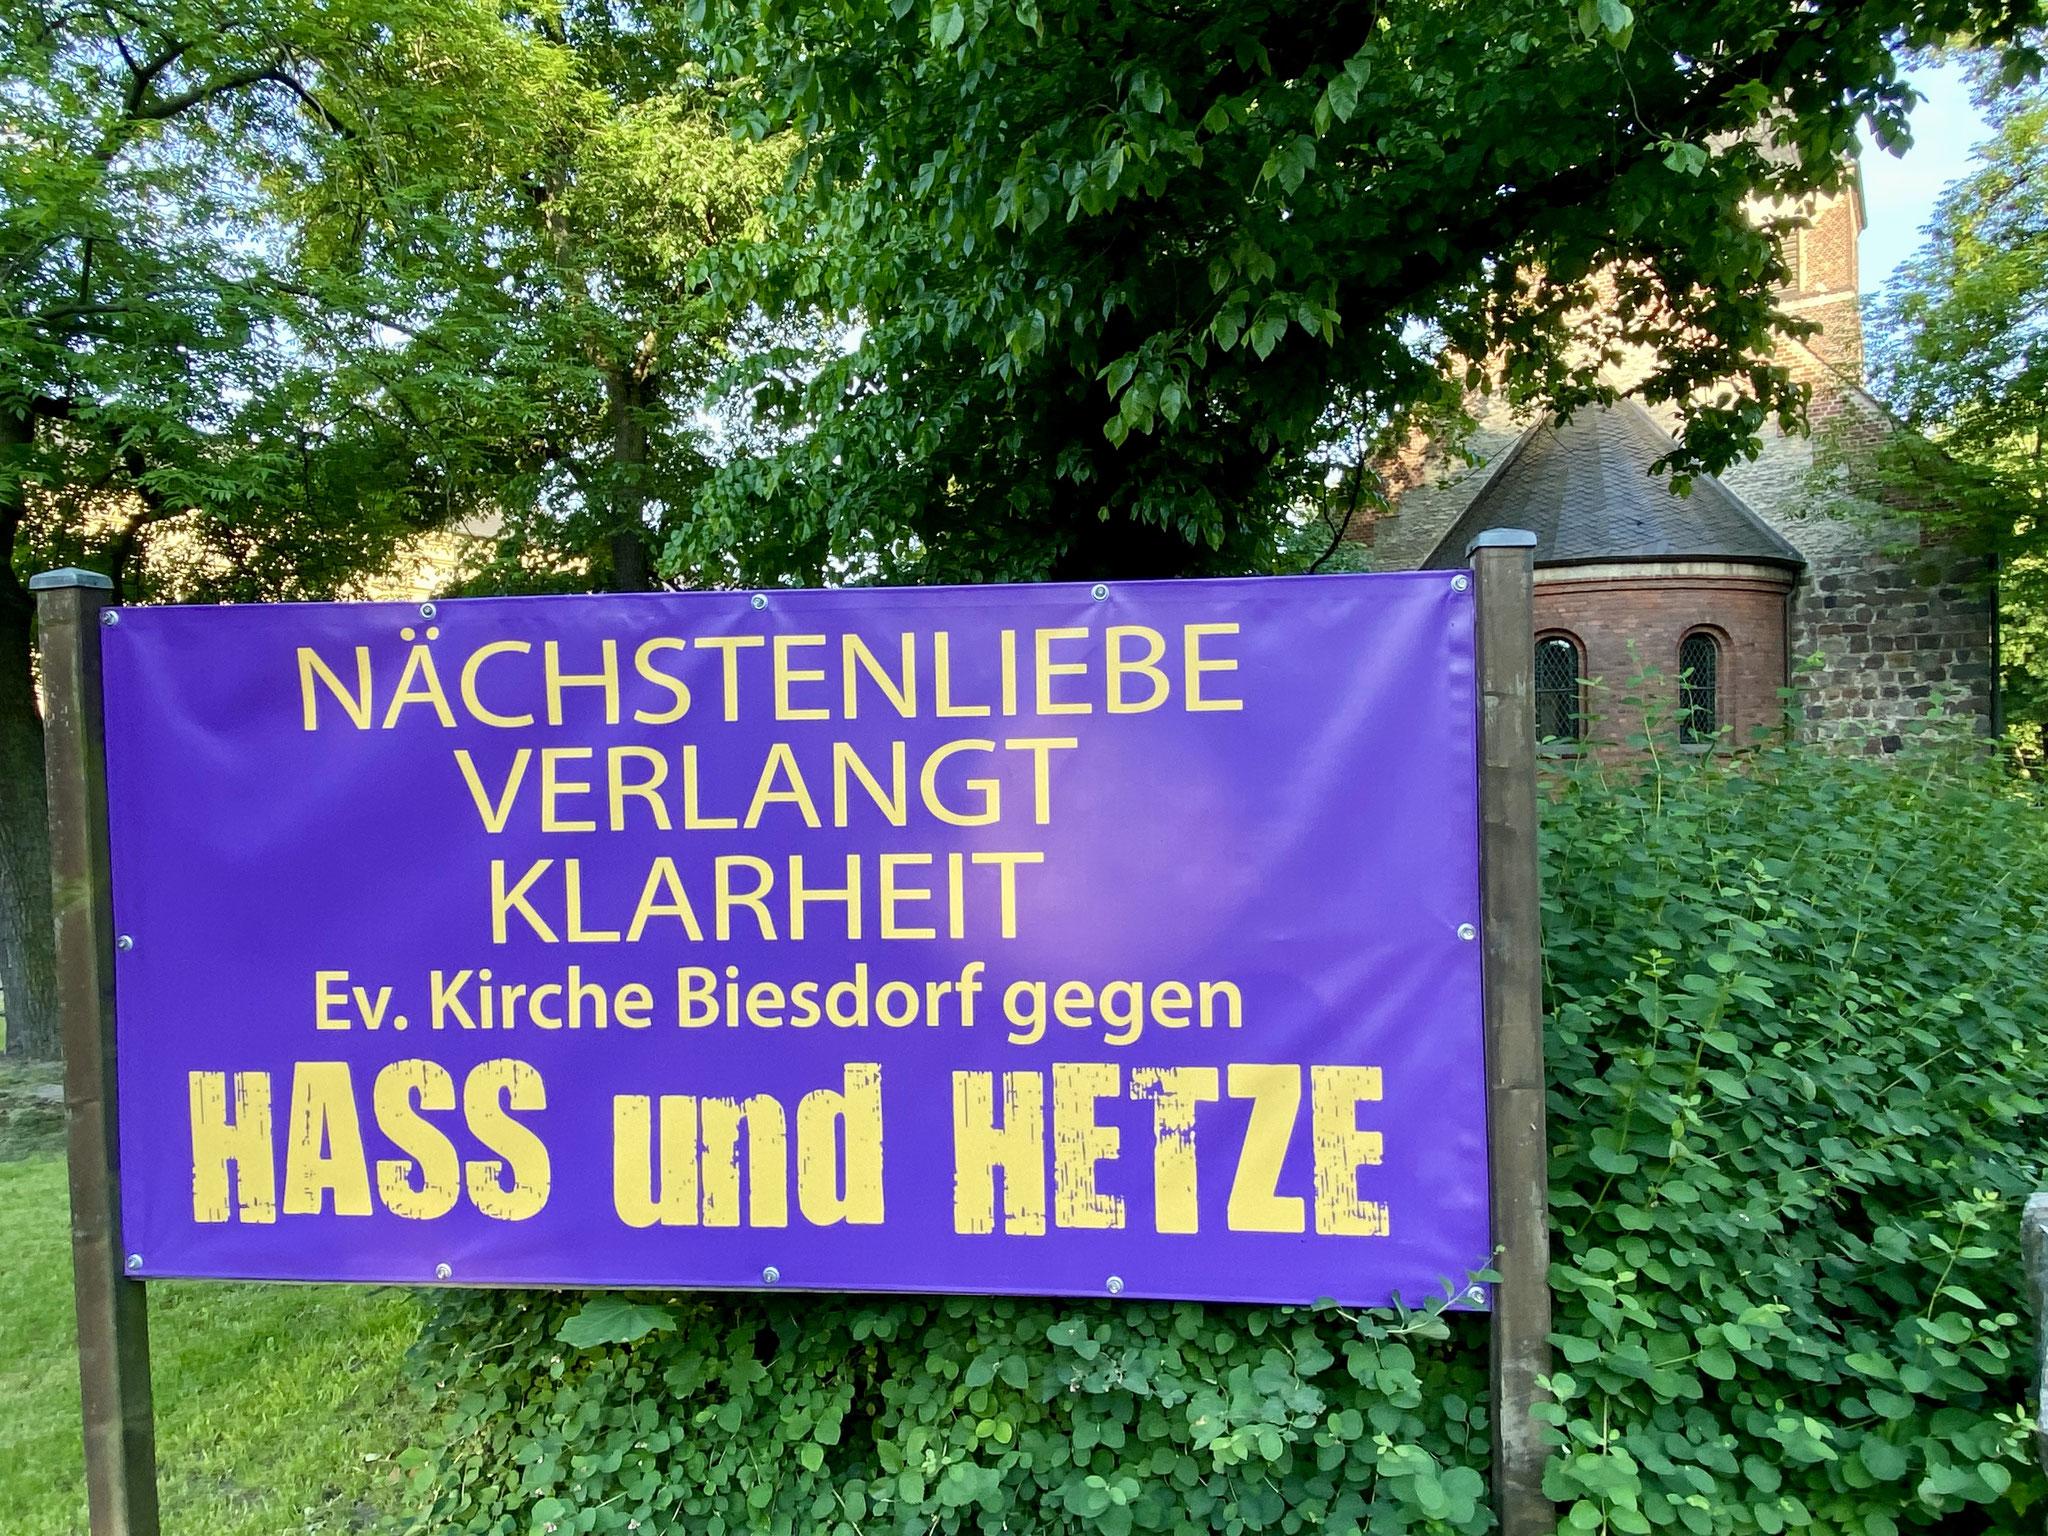 Sa, 05.06., 11.00-13.00 Uhr: Offene Kirche und Andacht für Frieden und Toleranz, Gnadenkirche Biesdorf